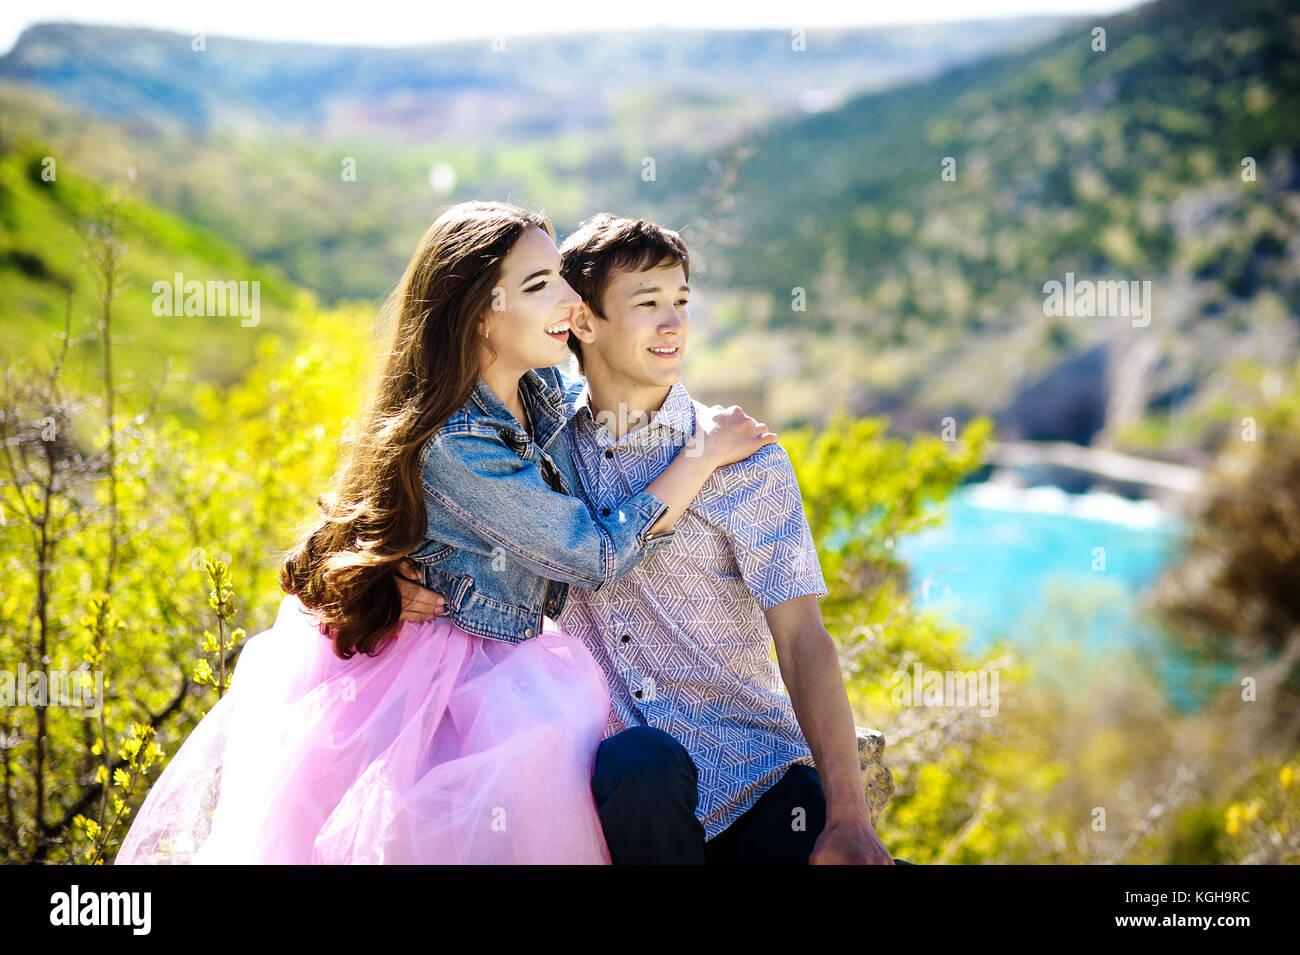 Hermosa joven par de hipsters: caminar en el parque. El amor, las relaciones, la datación: concepto. Imagen De Stock